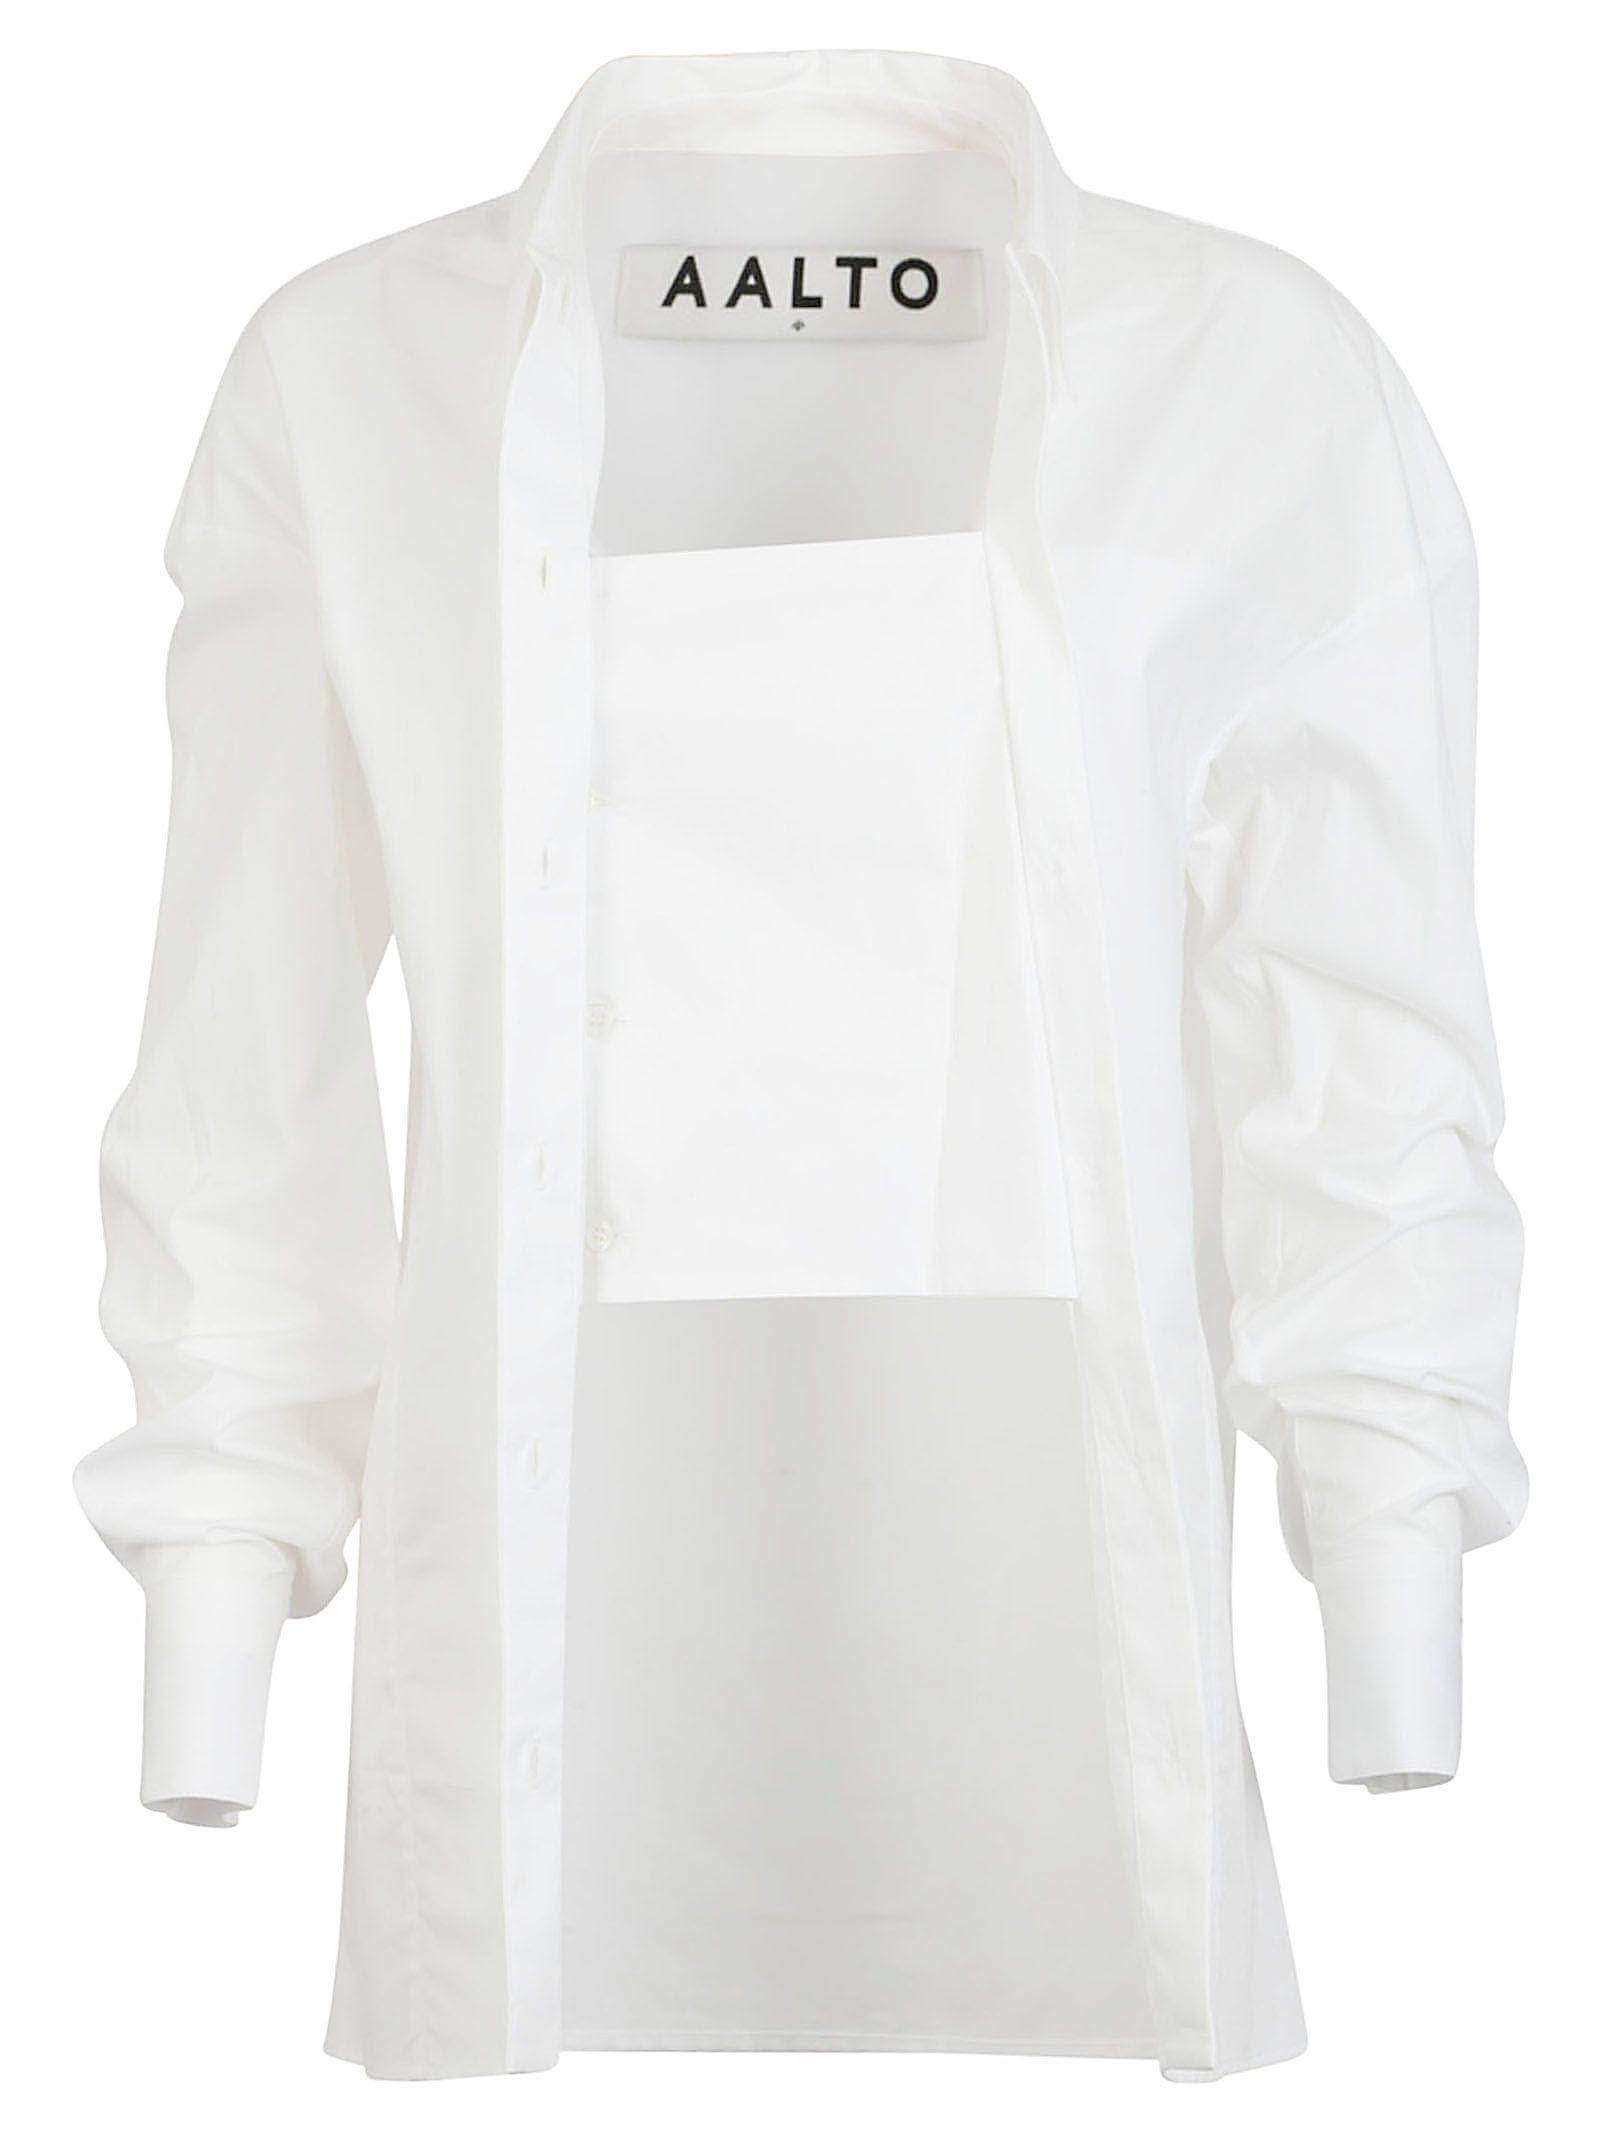 aalto female aalto long shirt